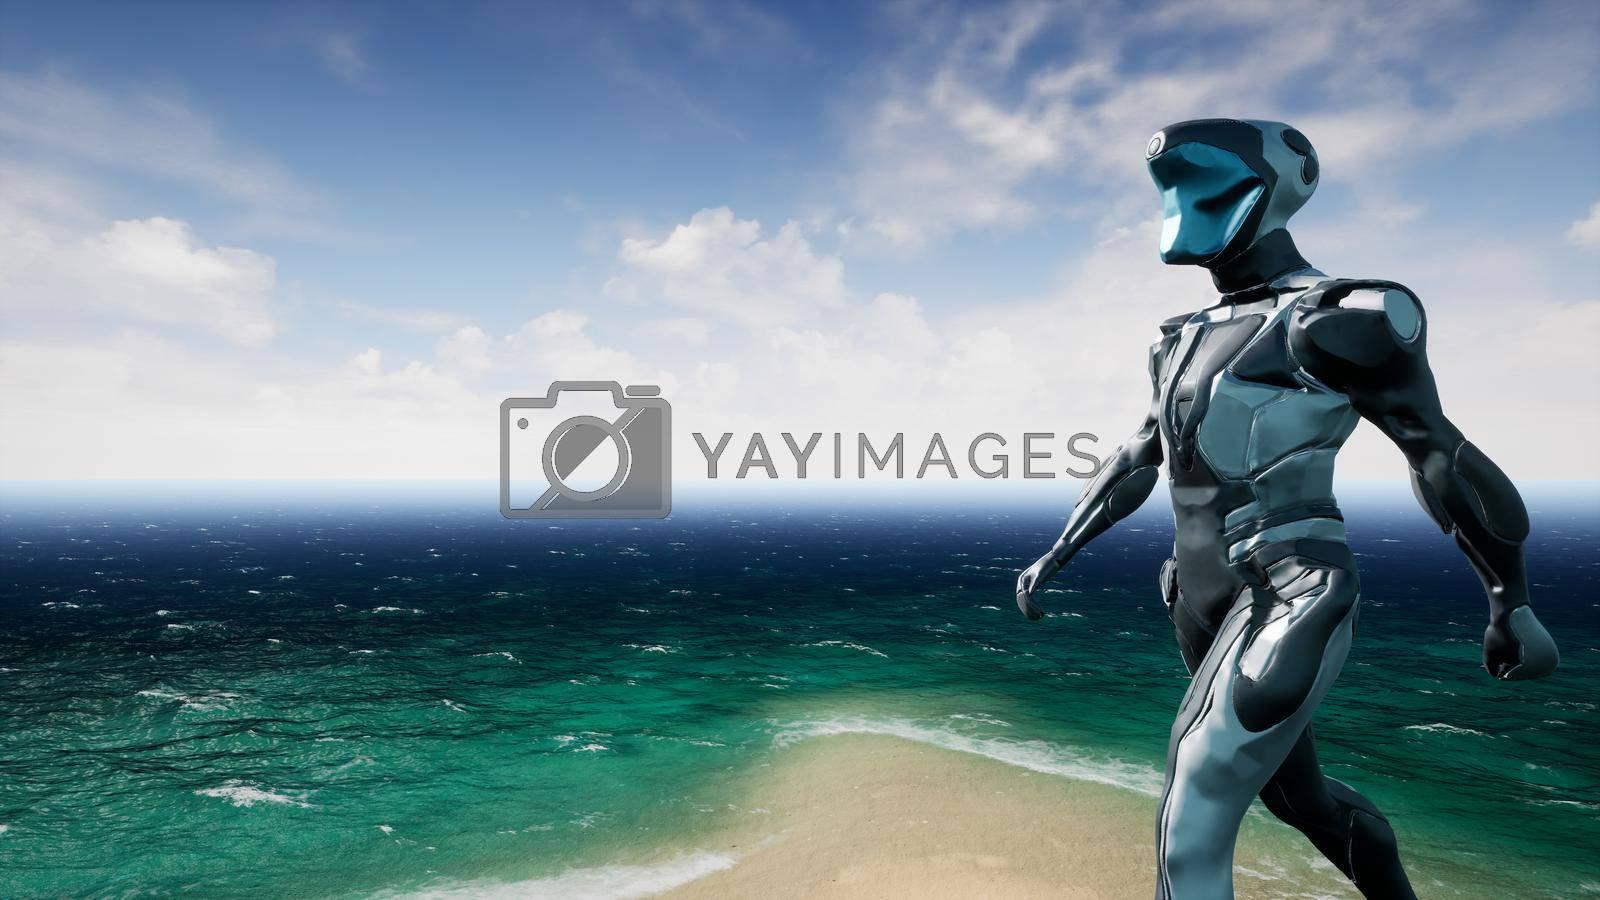 Astronaut on beatiful alien planet. 3D Rendering. by designprojects